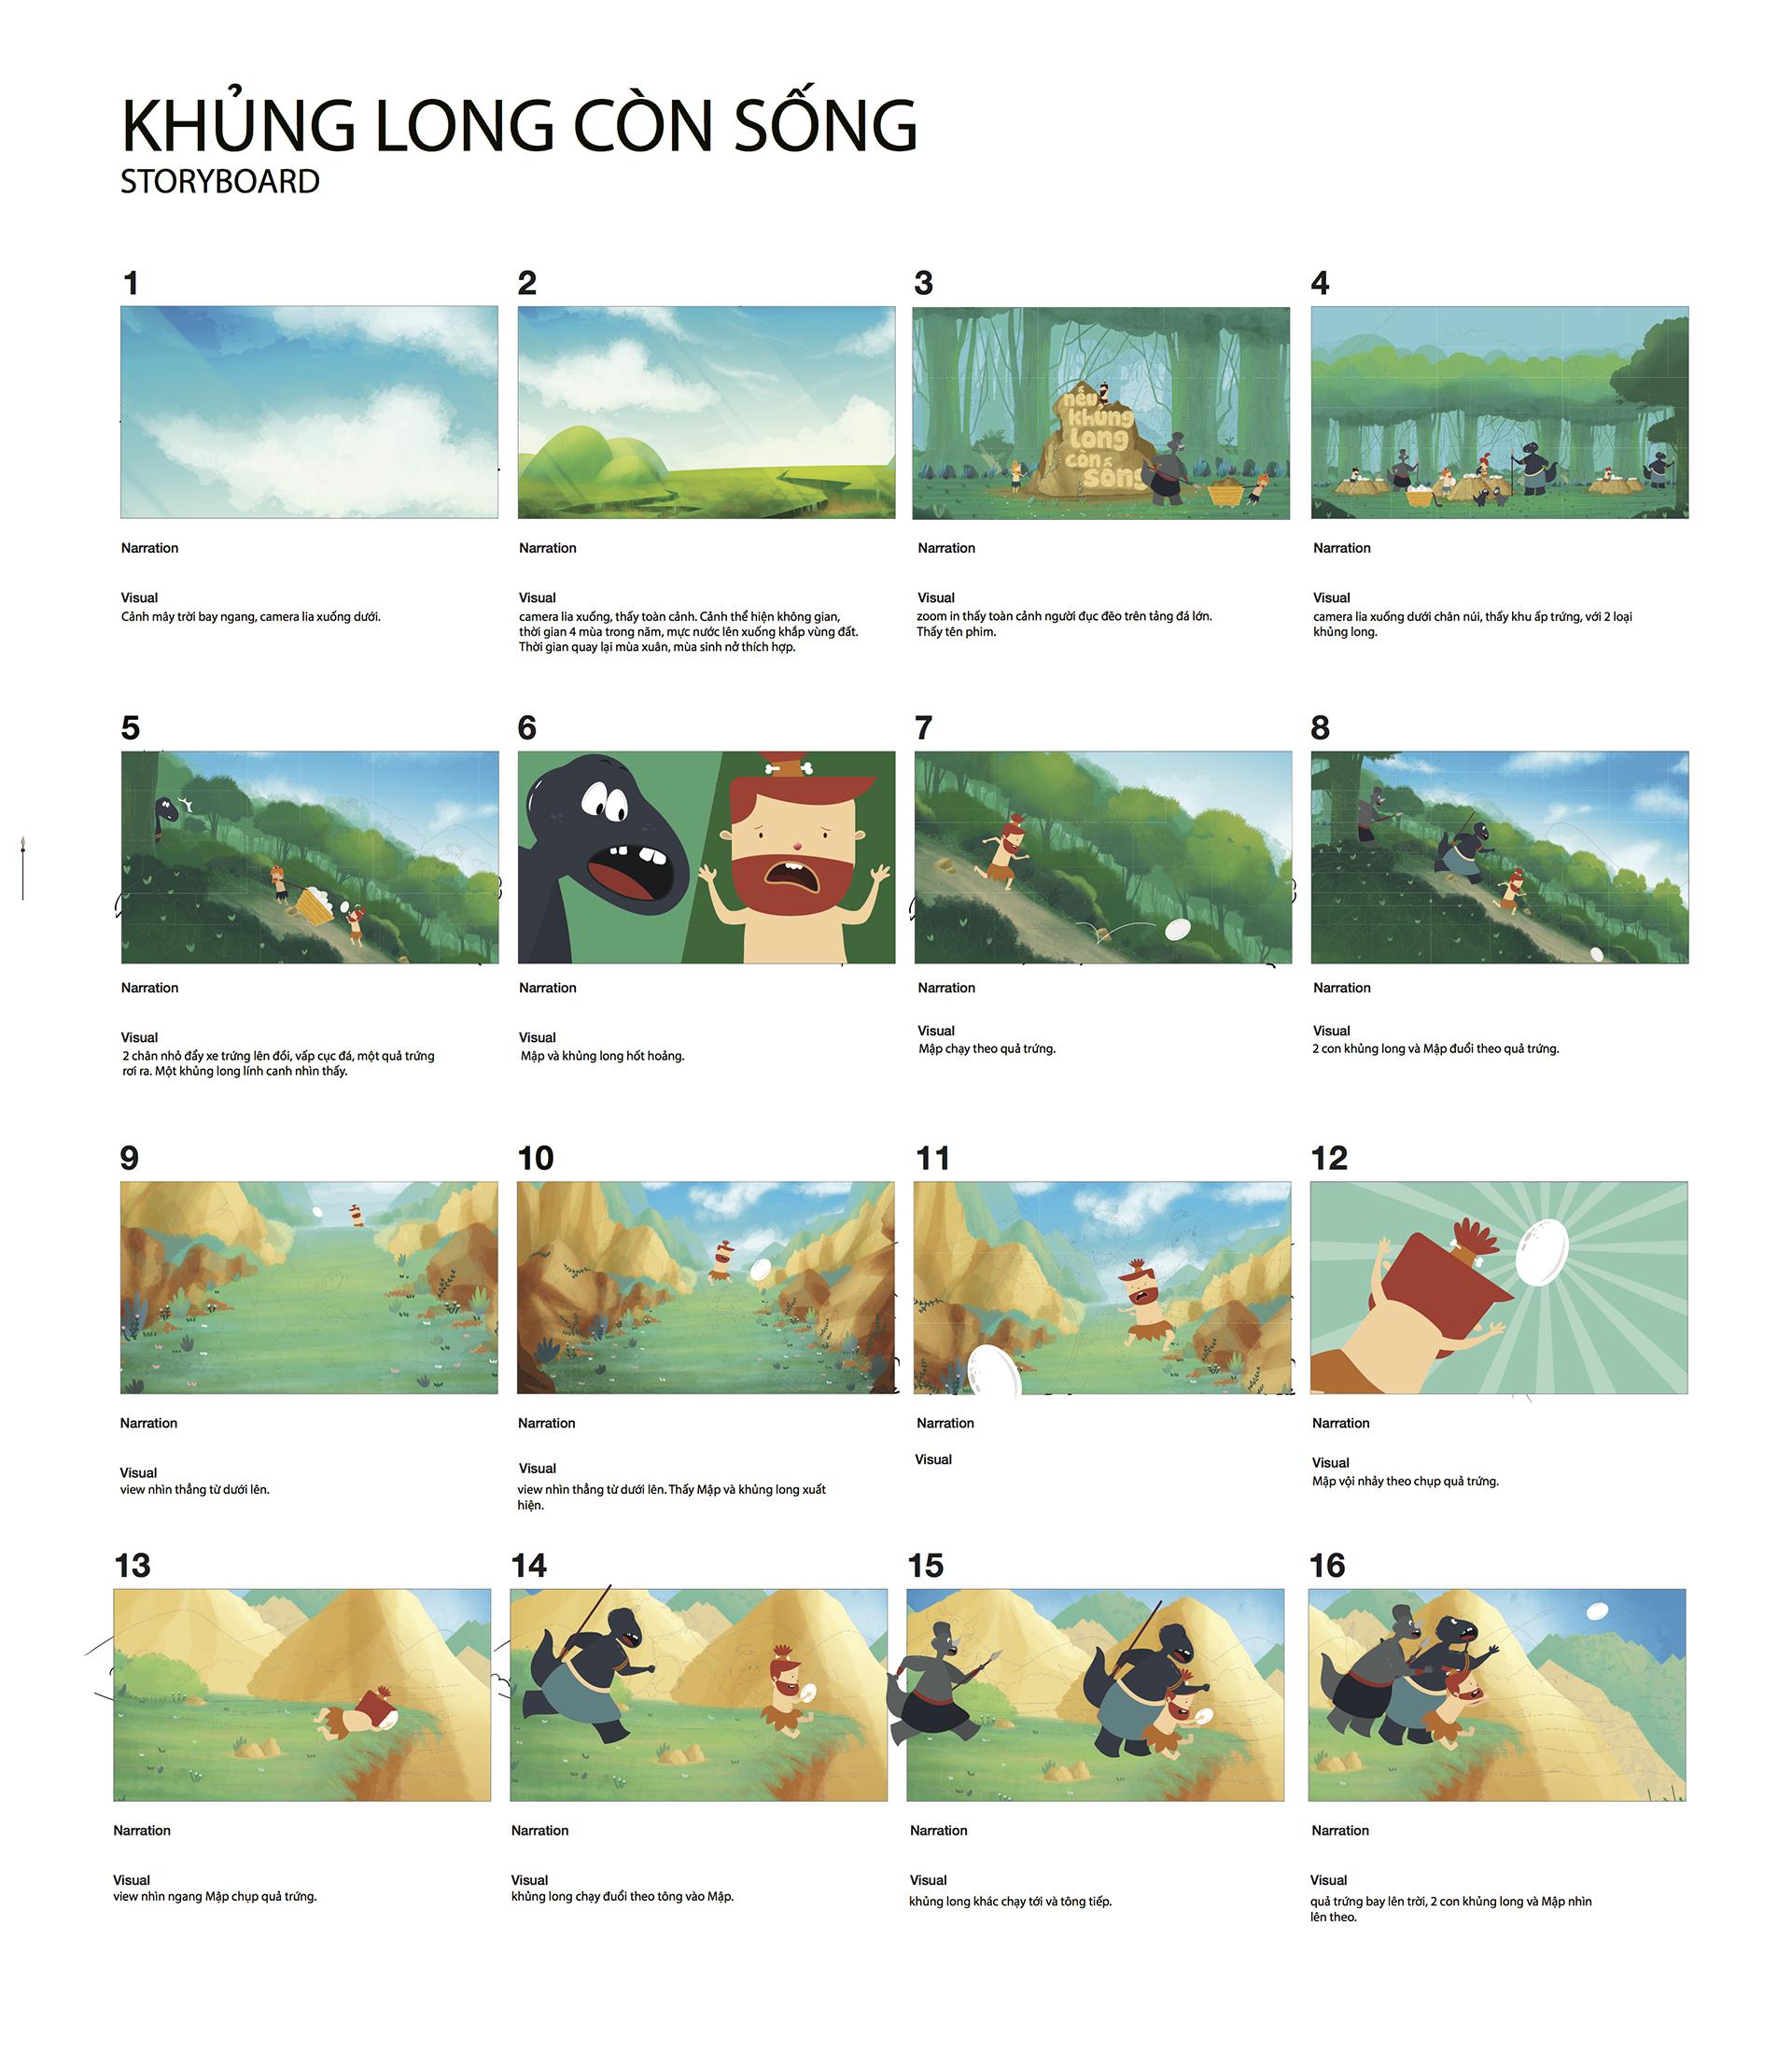 Khung long_Storyboard_Graphic_1.jpg